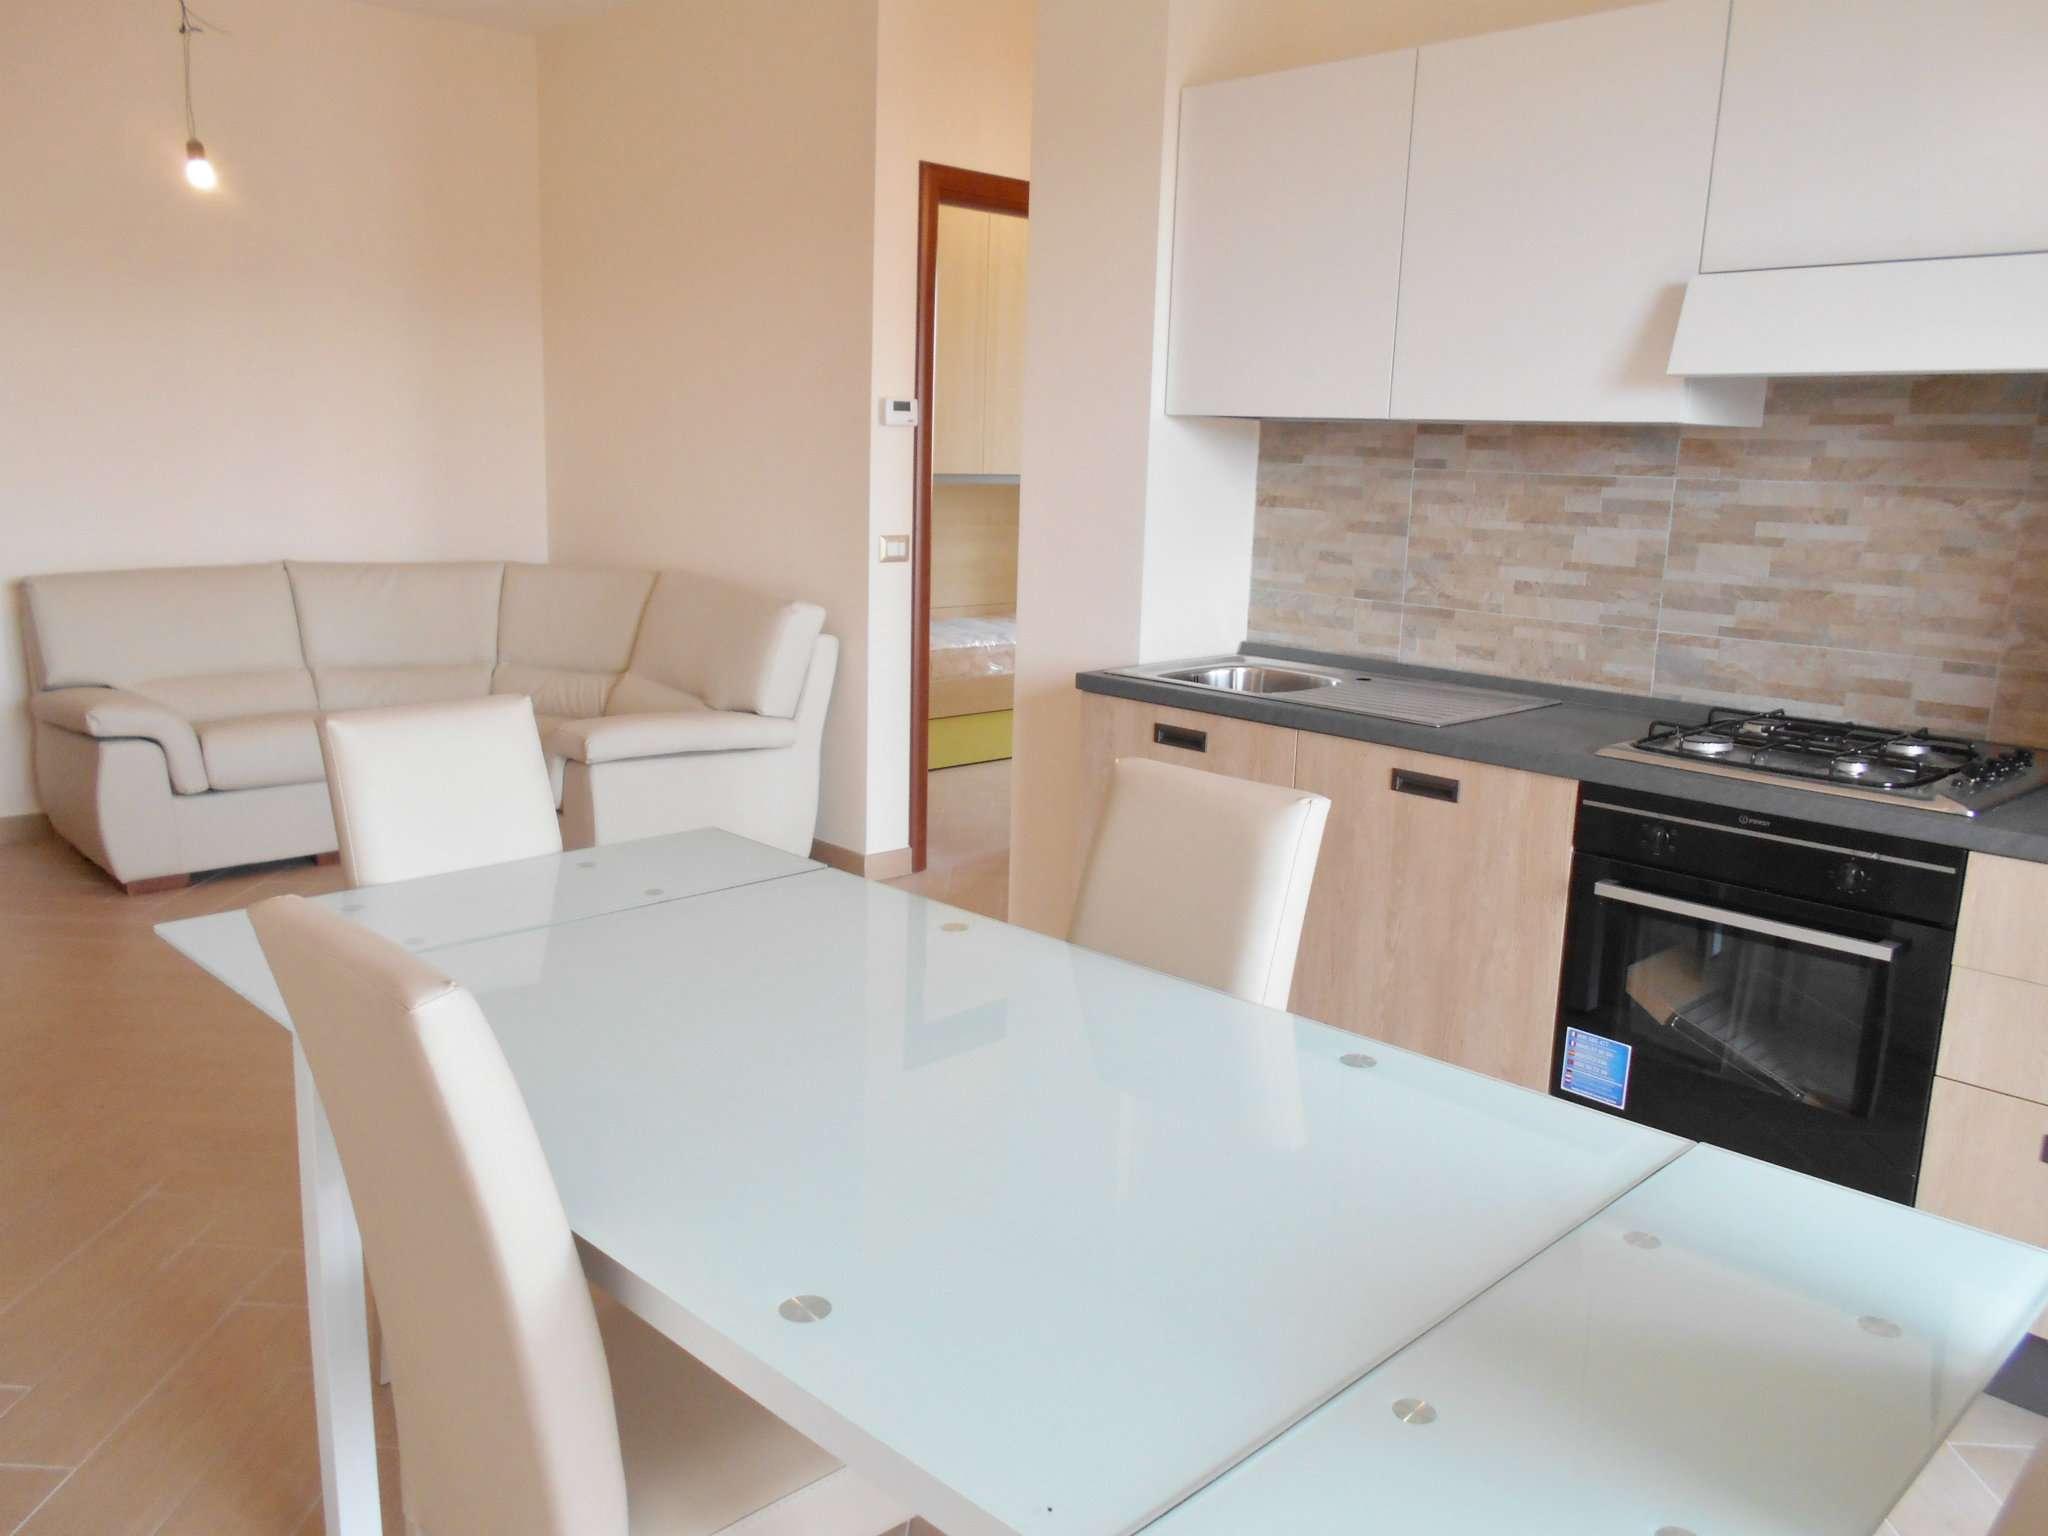 Appartamento in vendita a San Cesareo, 3 locali, prezzo € 159.000 | CambioCasa.it